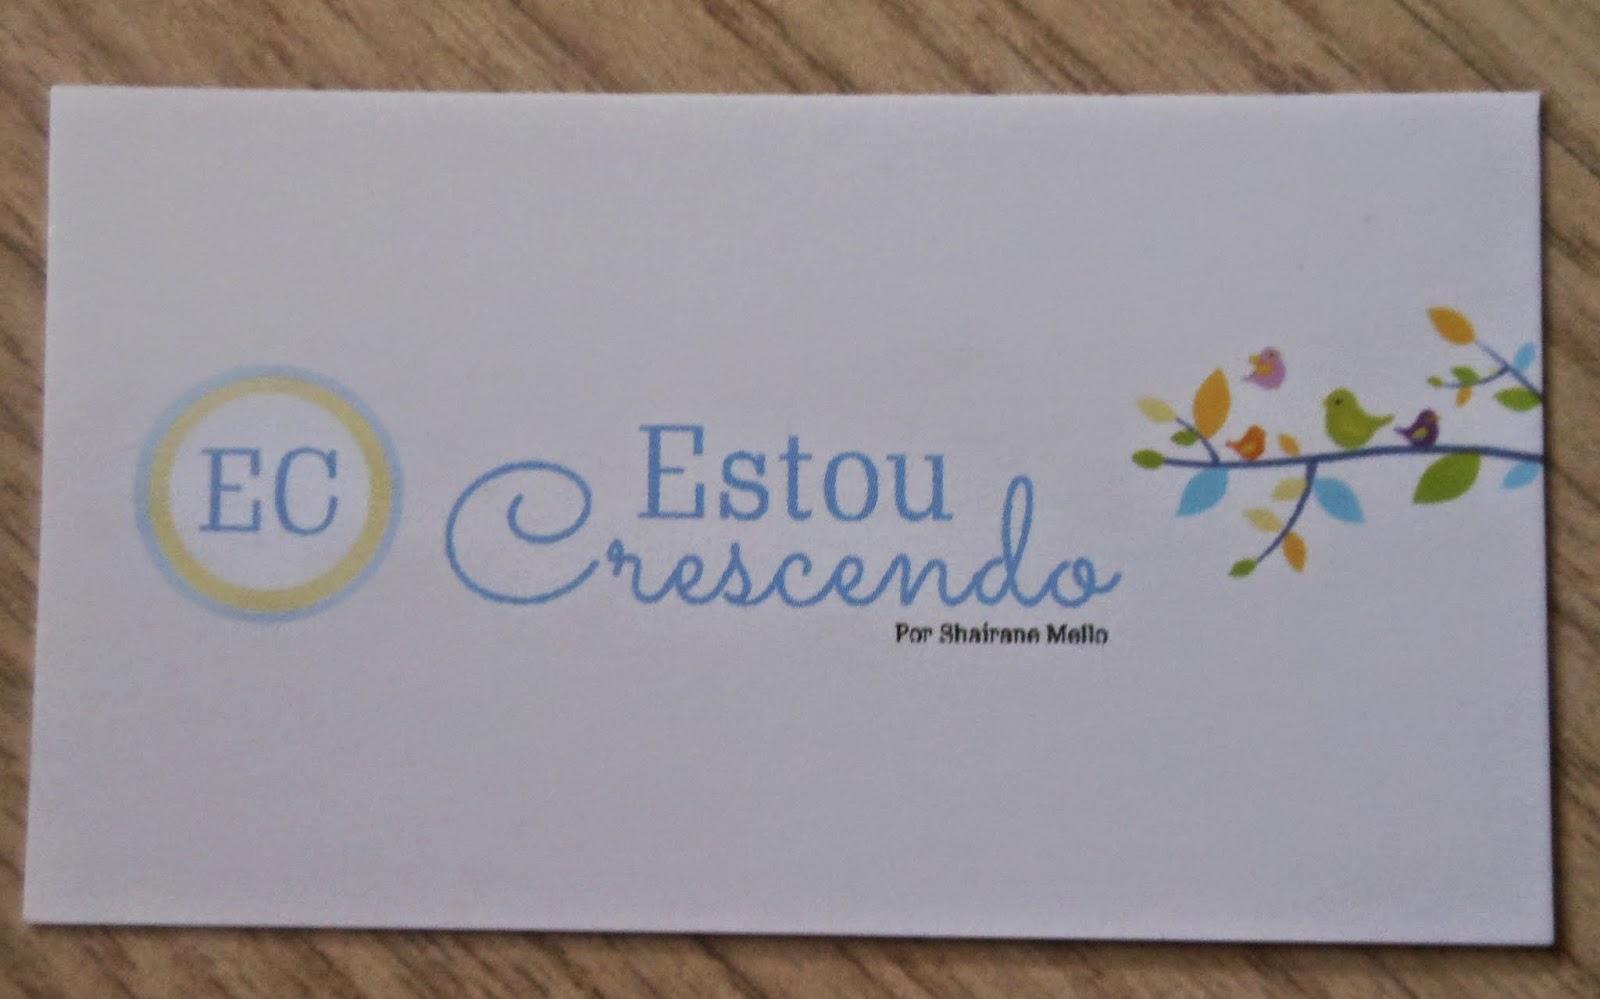 Cartão de visita Print